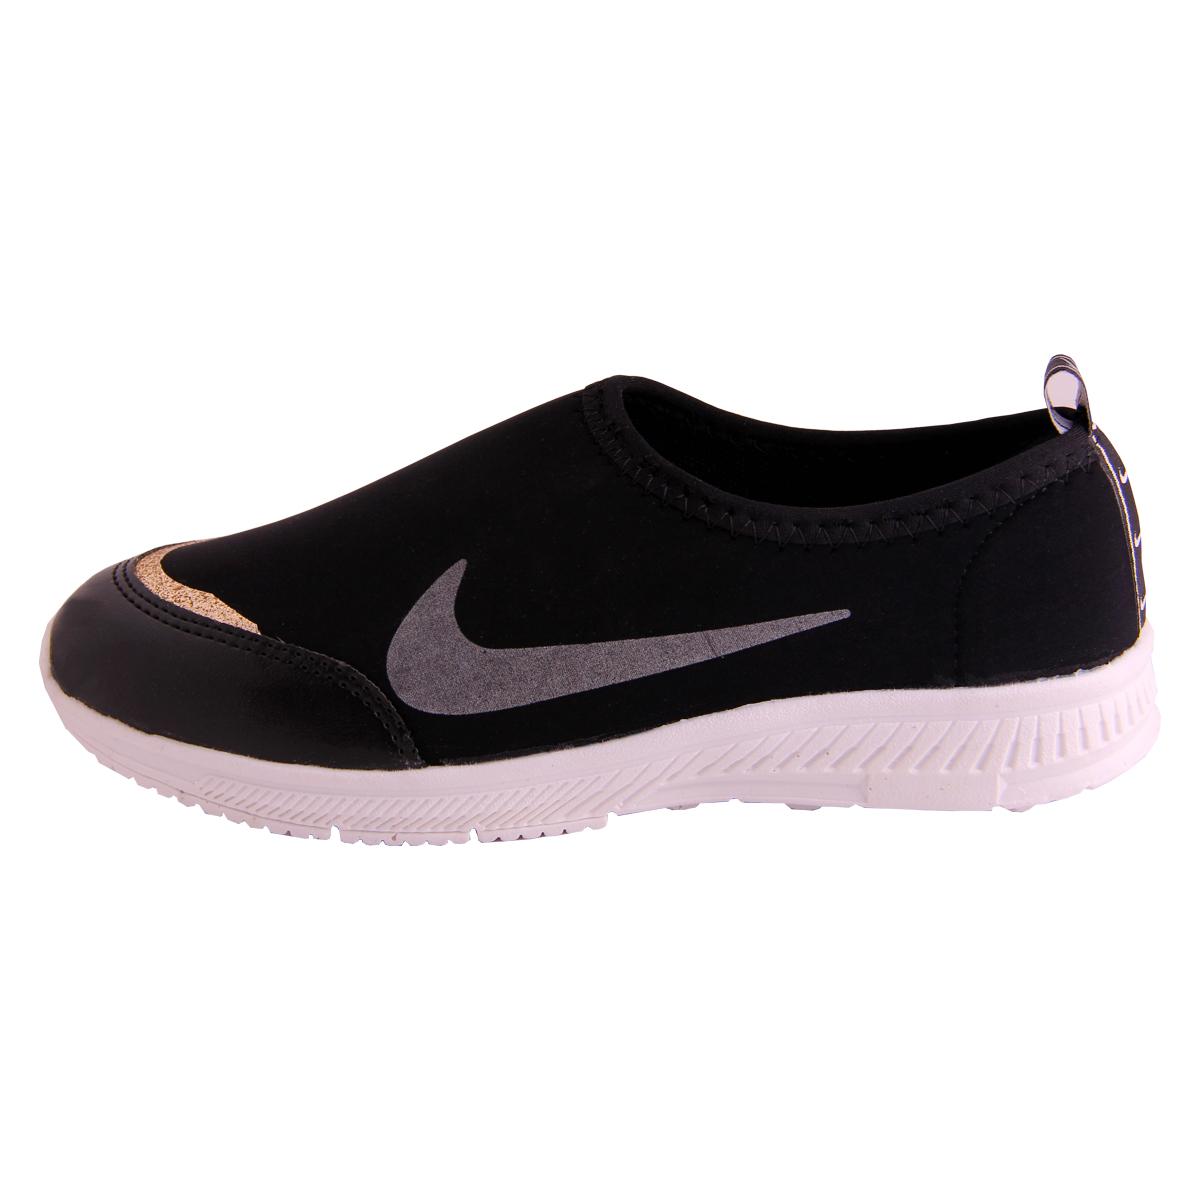 کفش راحتی زنانه کد 8090